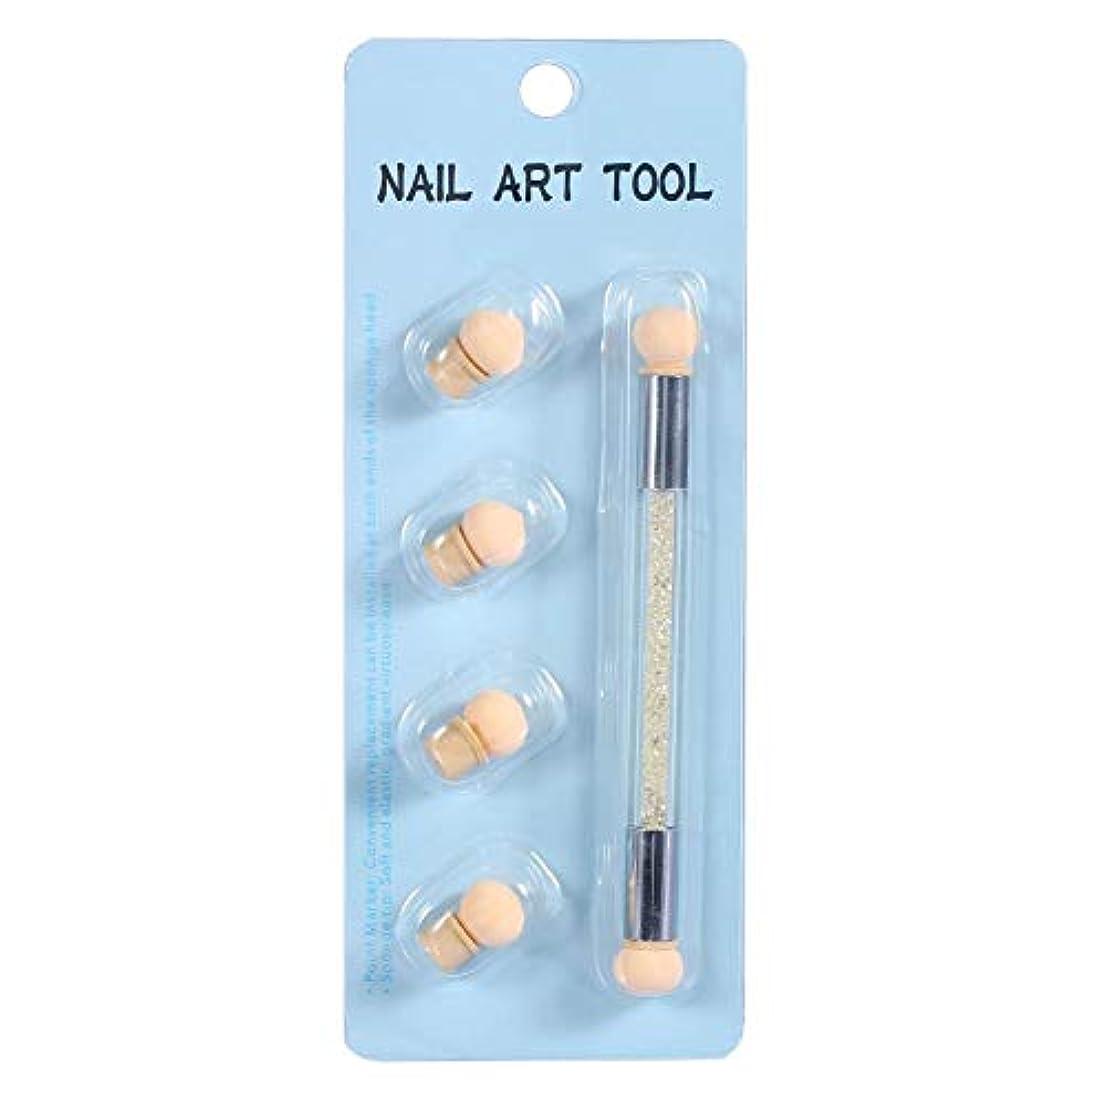 提供された税金ブルームネイルアート 4個 交換用 スポンジヘッド ネイルアートスポンジブラシ ネイル筆 ドットペン